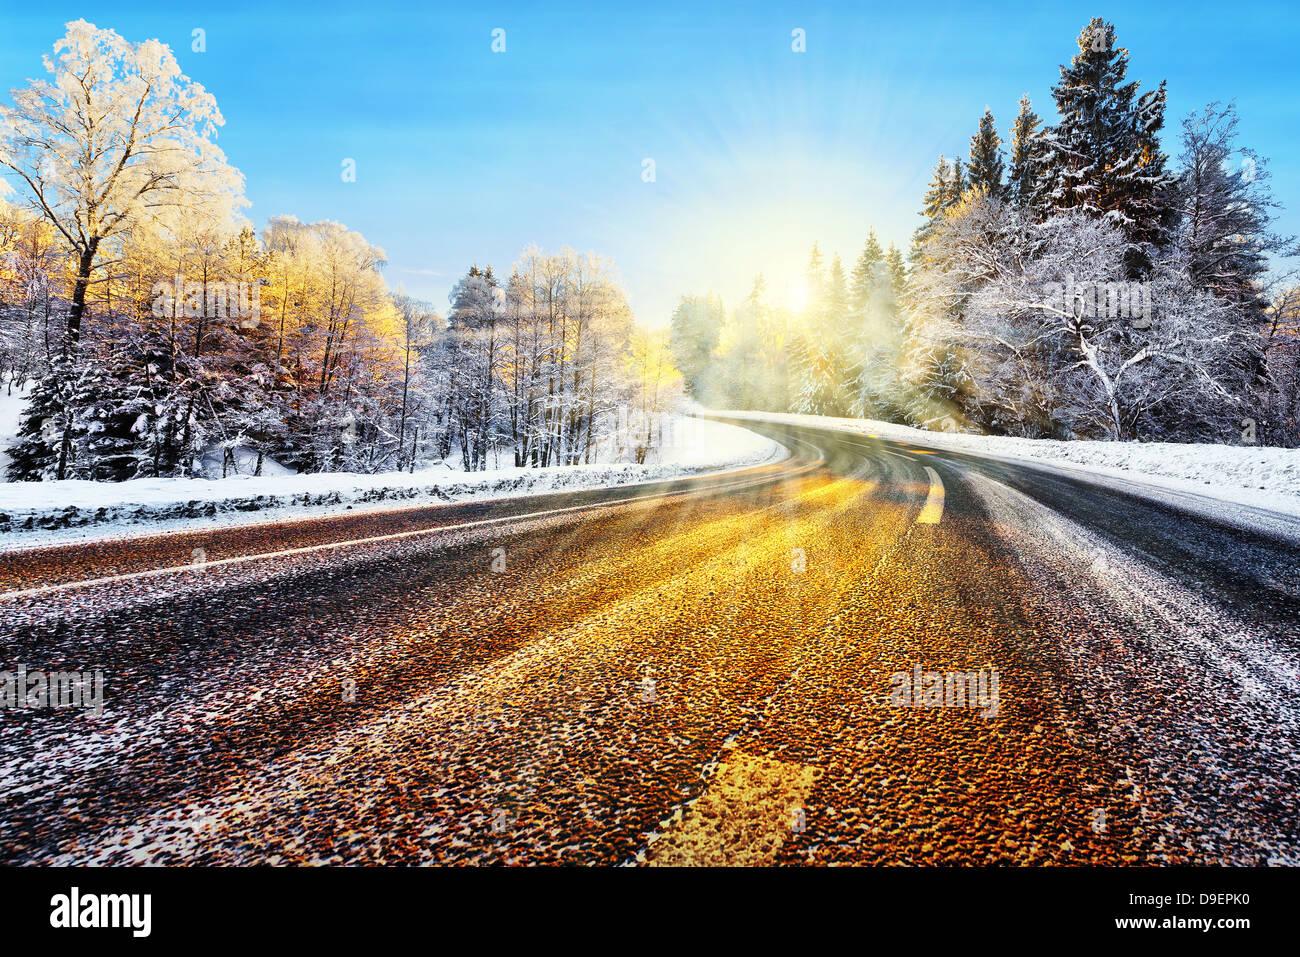 Carretera de invierno en invierno, con la luz del sol reflejada sobre asfalto Imagen De Stock